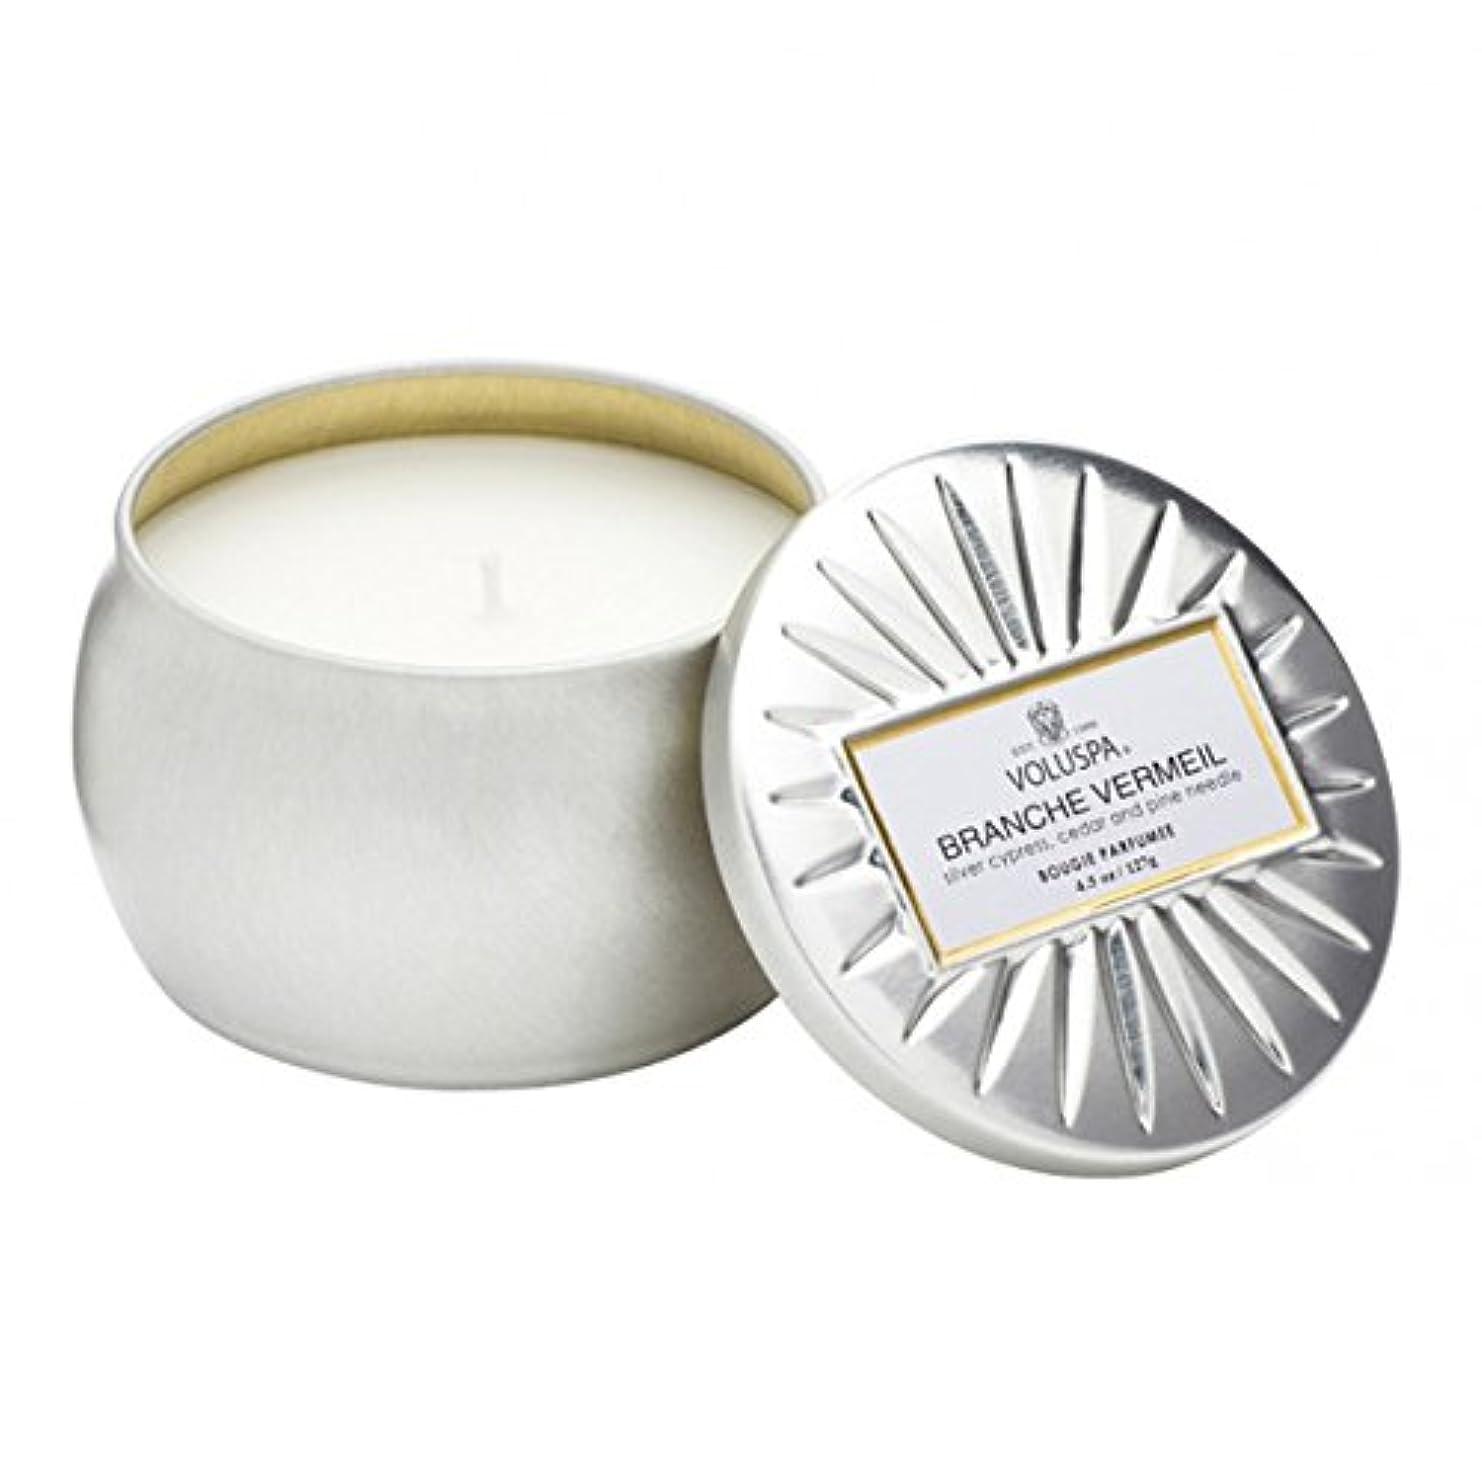 チューブ小人パブVoluspa ボルスパ ヴァーメイル ティンキャンドル  S フ?ランチヴァーメイル BRANCHE VERMEIL VERMEIL PETITE Tin Glass Candle